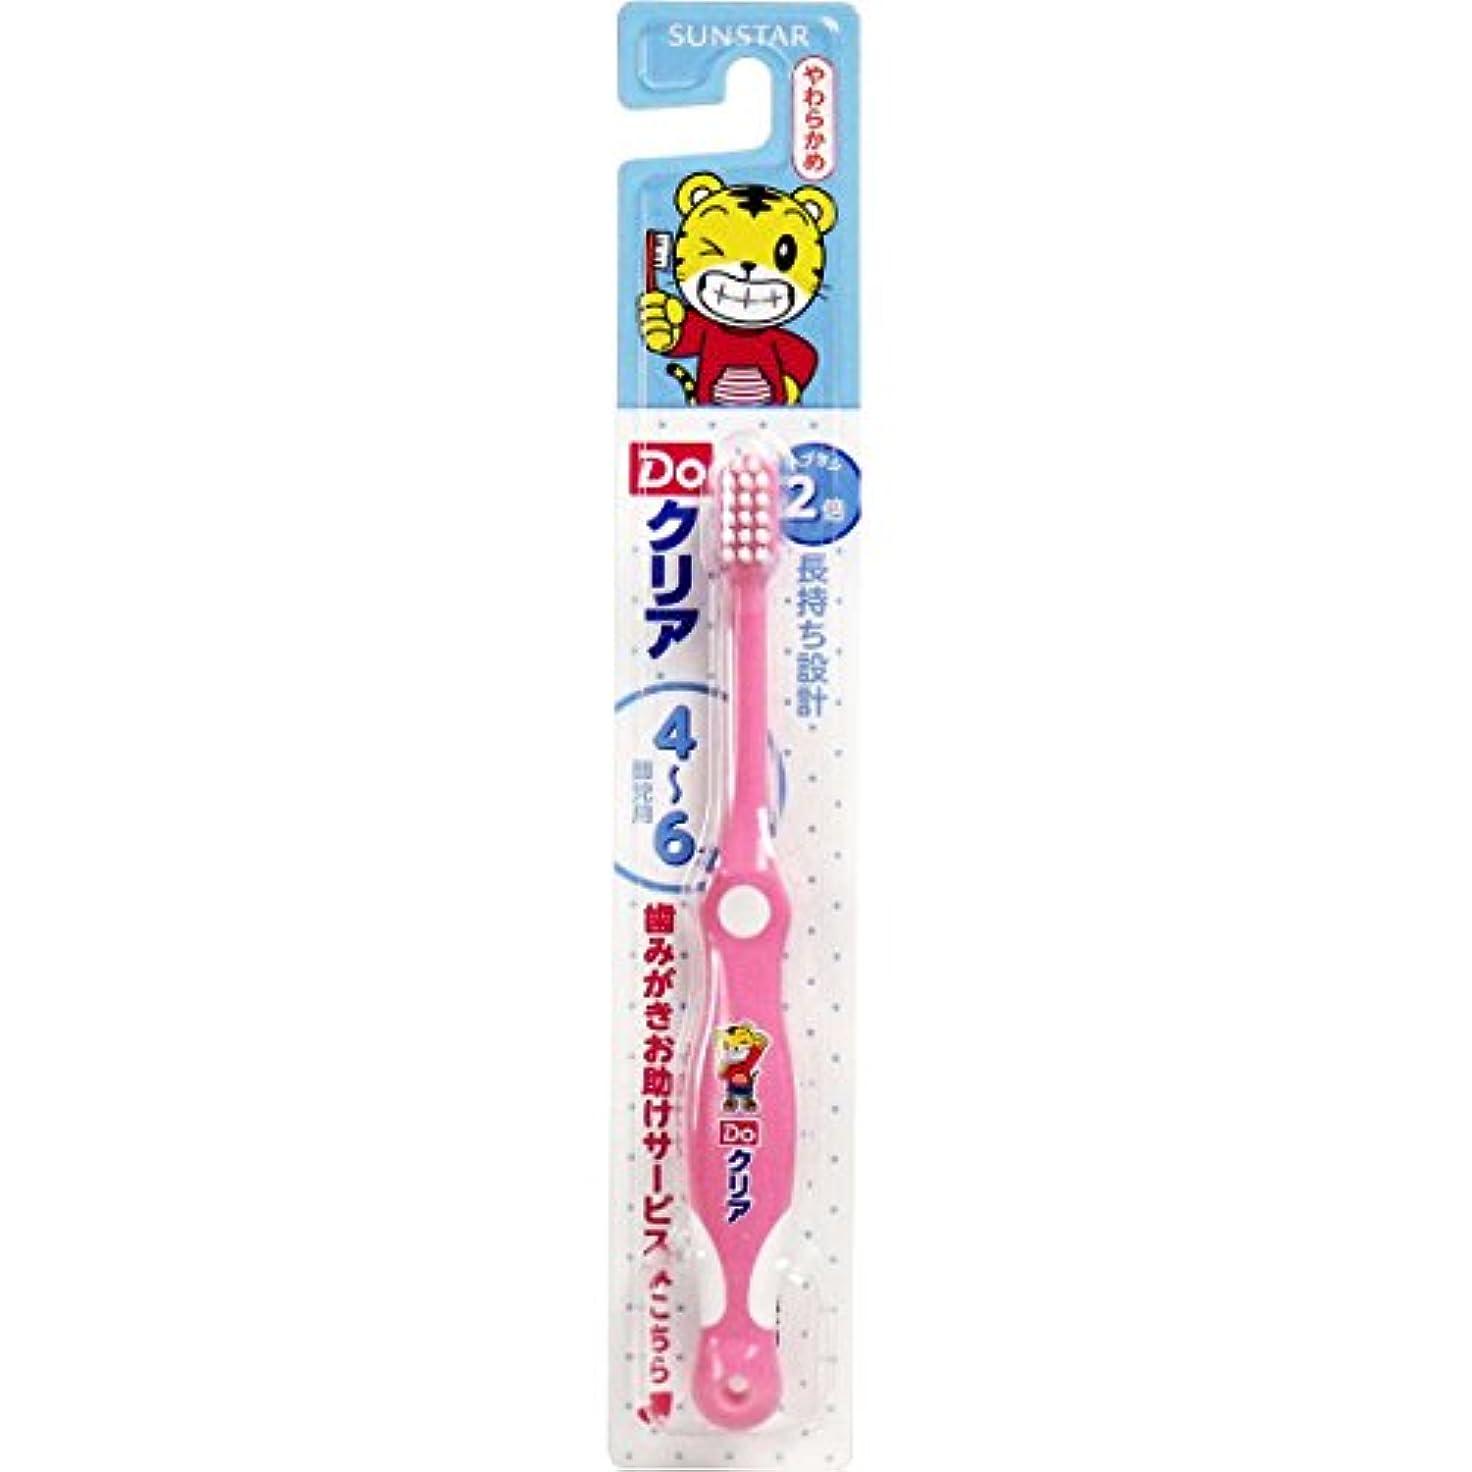 触覚スカープ申し立てるDoクリア こどもハブラシ 園児用 4-6才 やわらかめ:ピンク